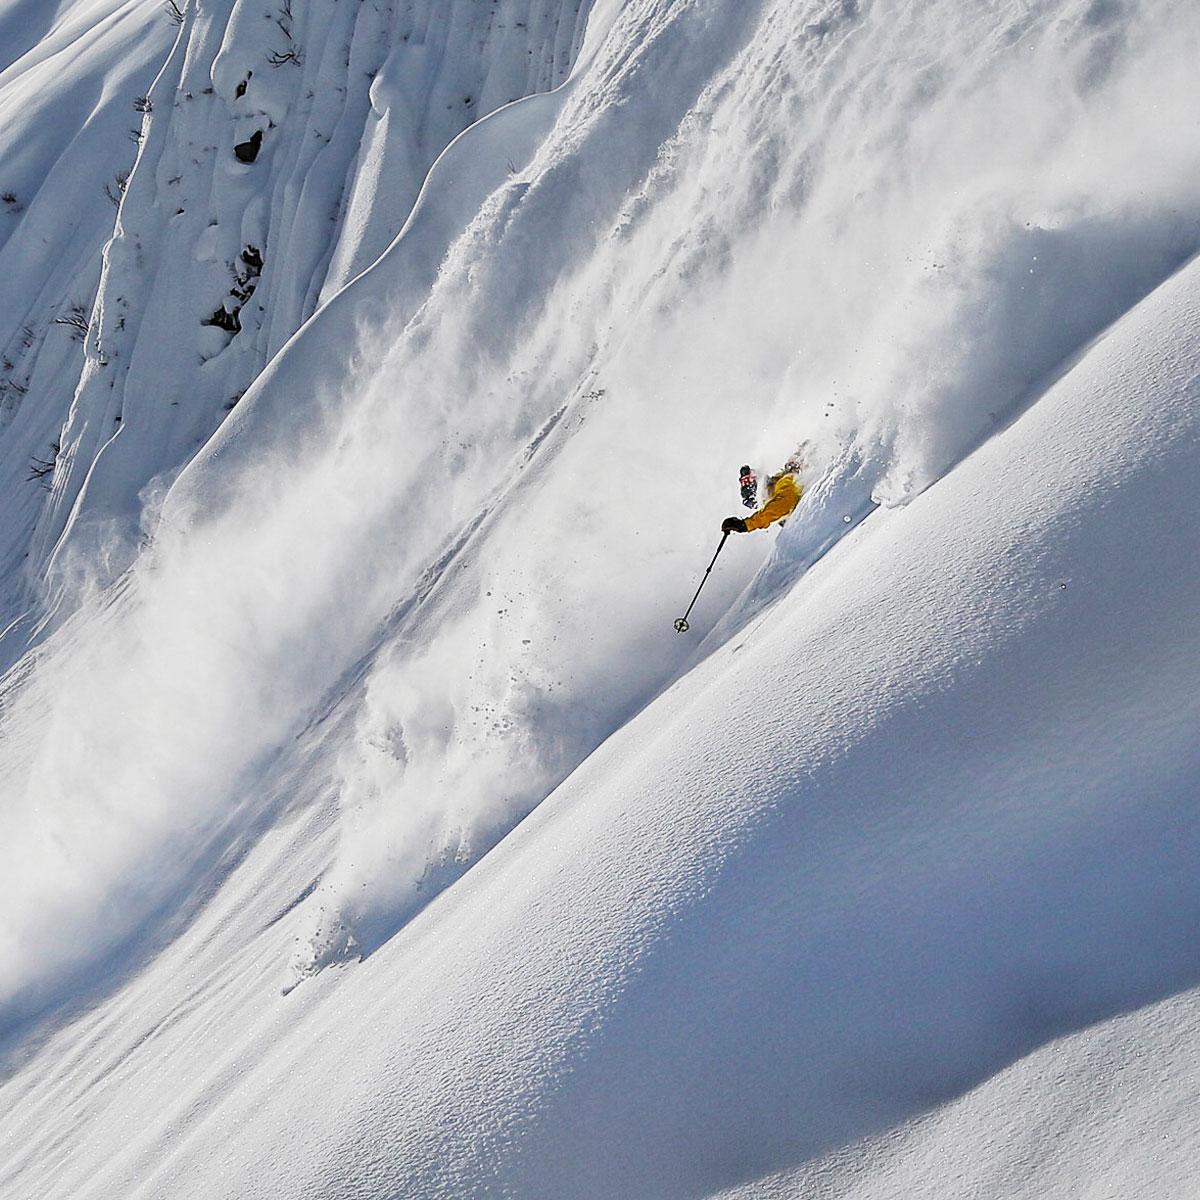 Mobius Ski, Reggie Crist